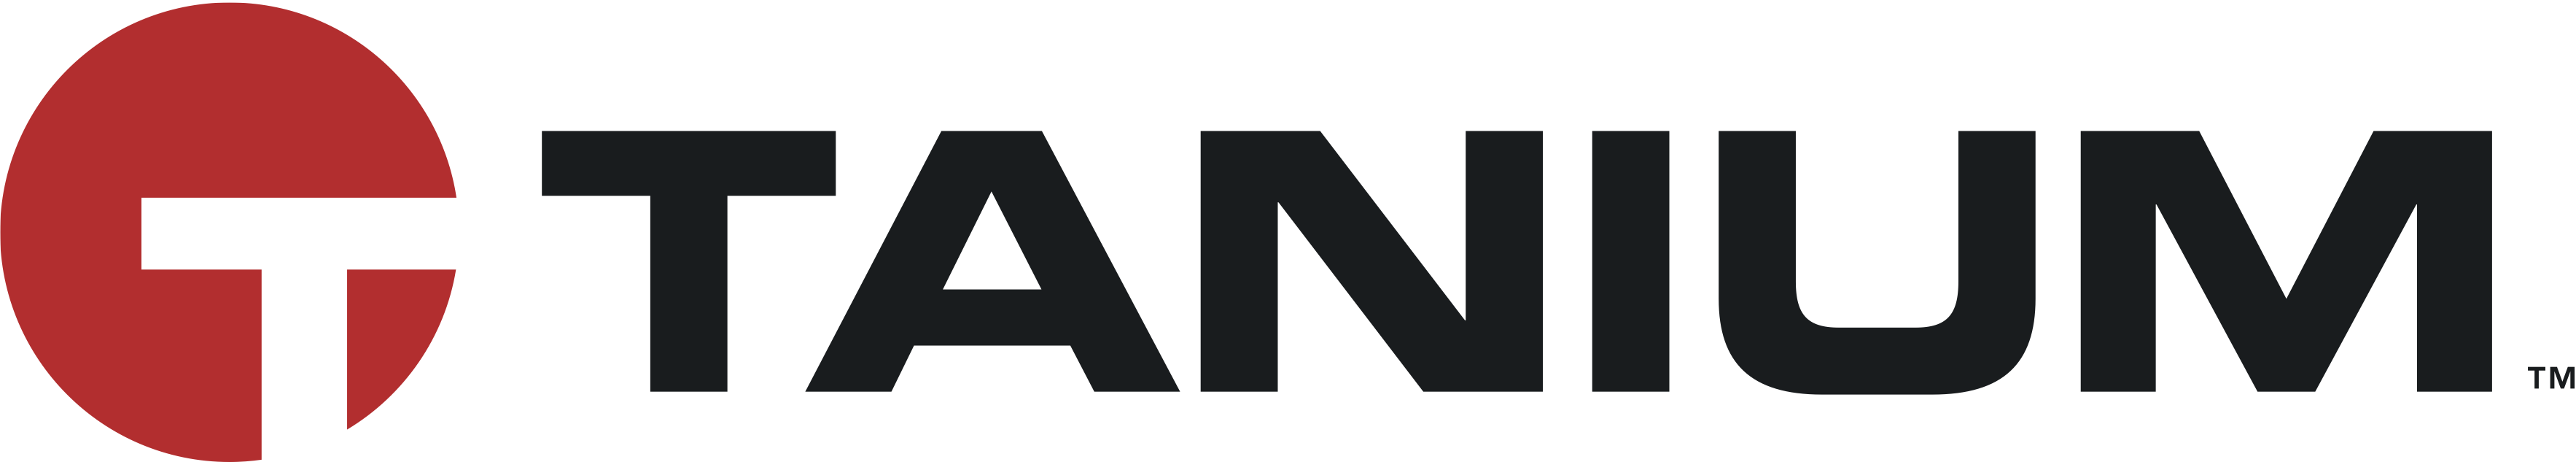 Tanium logo